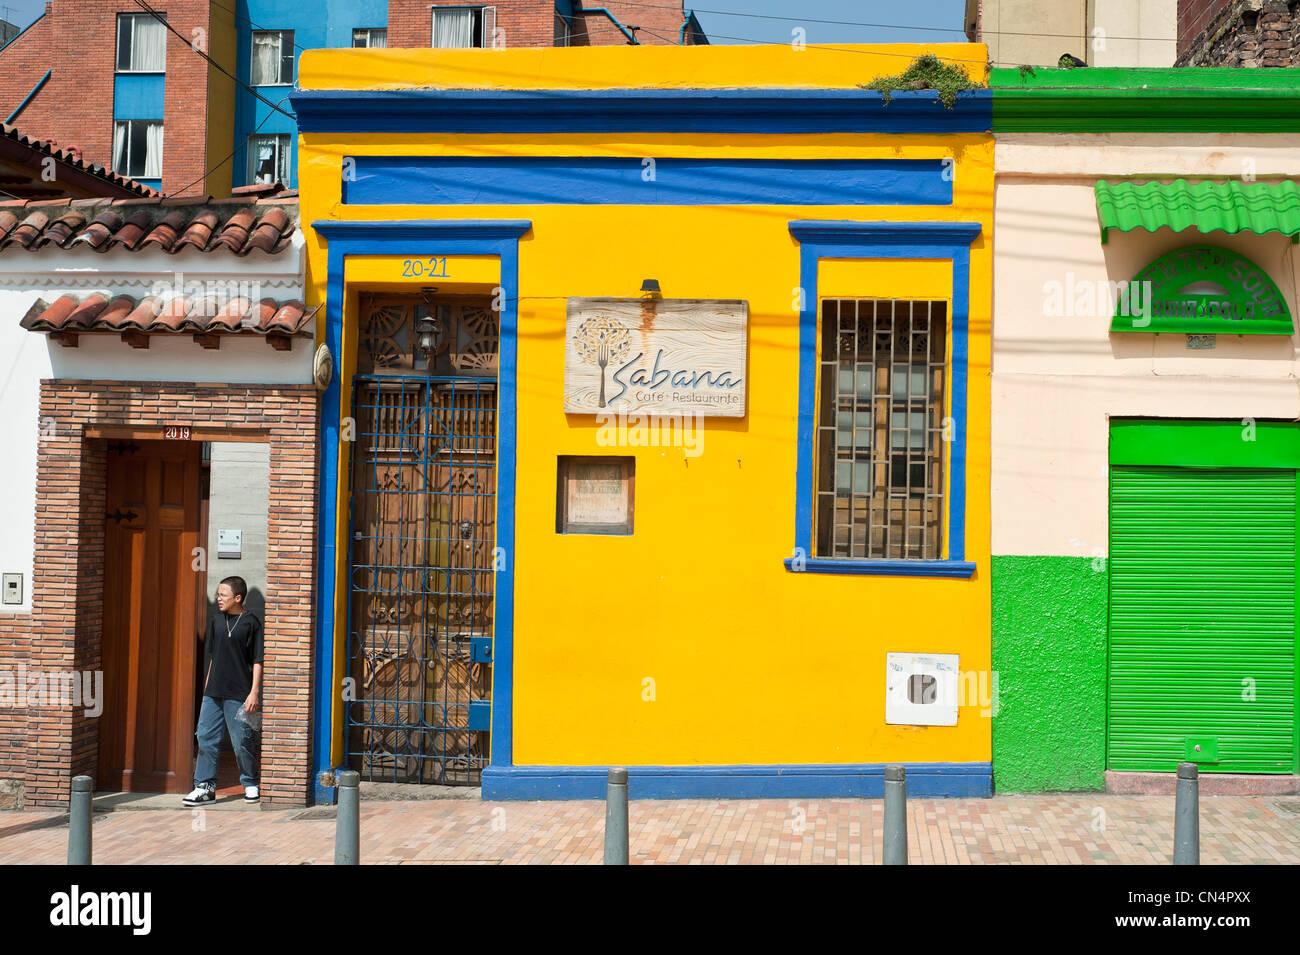 El departamento de Cundinamarca, Colombia, Bogotá, Distrito de La Candelaria Imagen De Stock